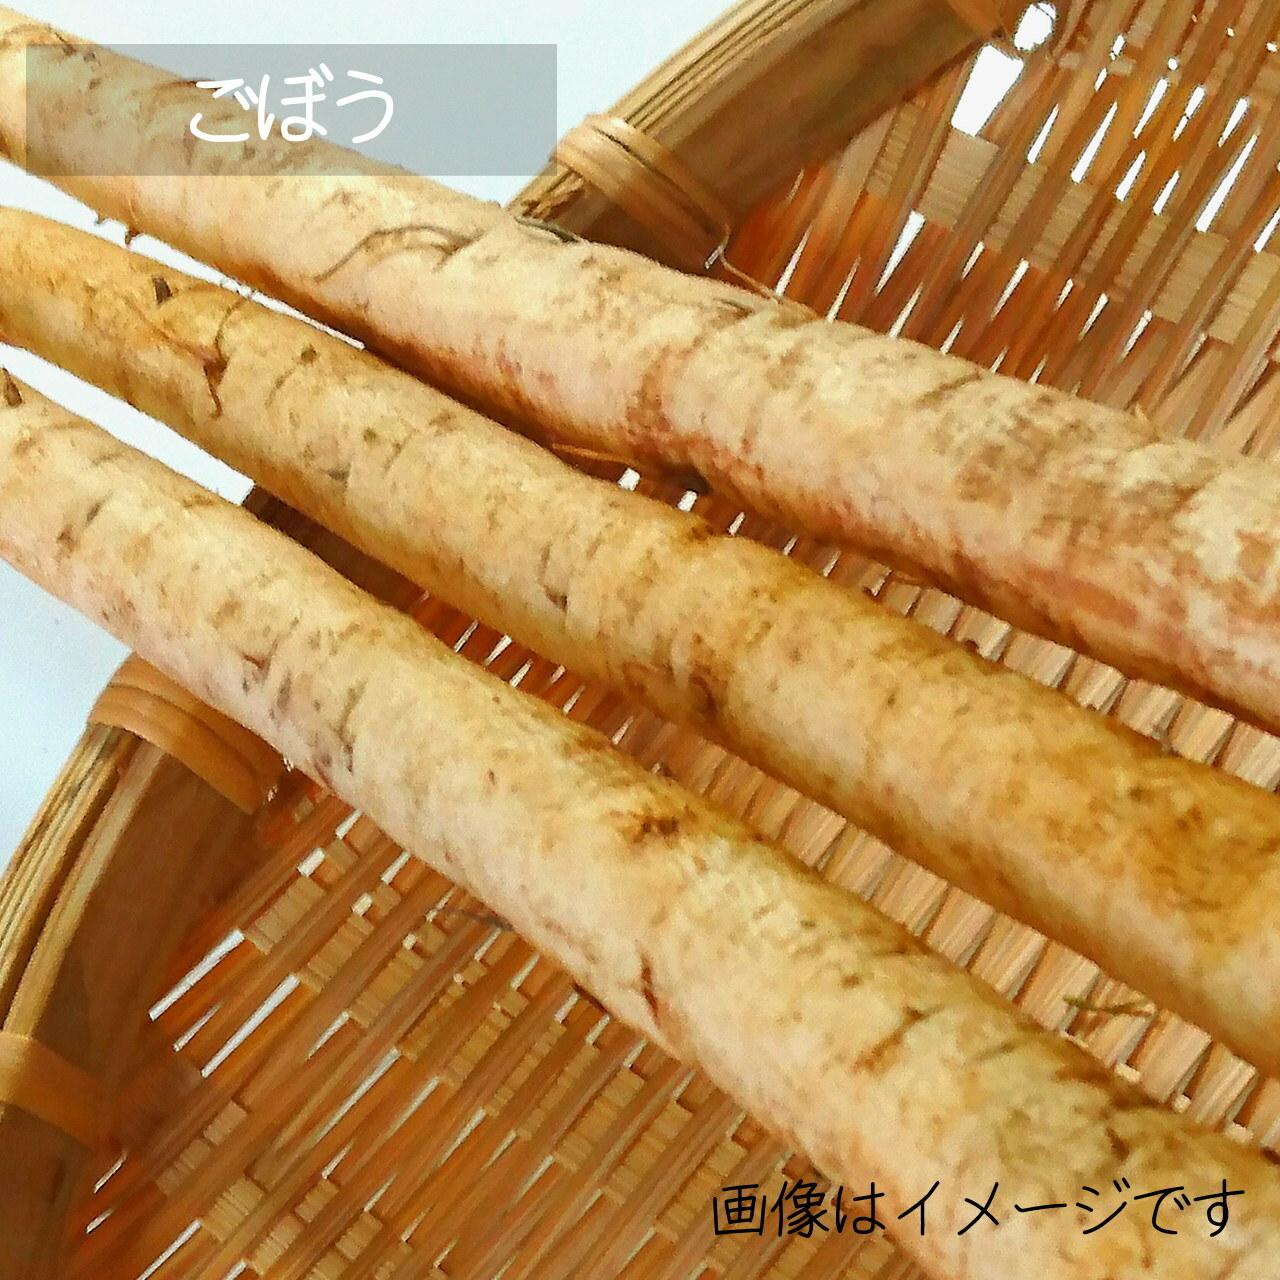 新鮮な夏野菜 : ゴボウ 1~3本 8月の朝採り直売野菜 8月31日発送予定